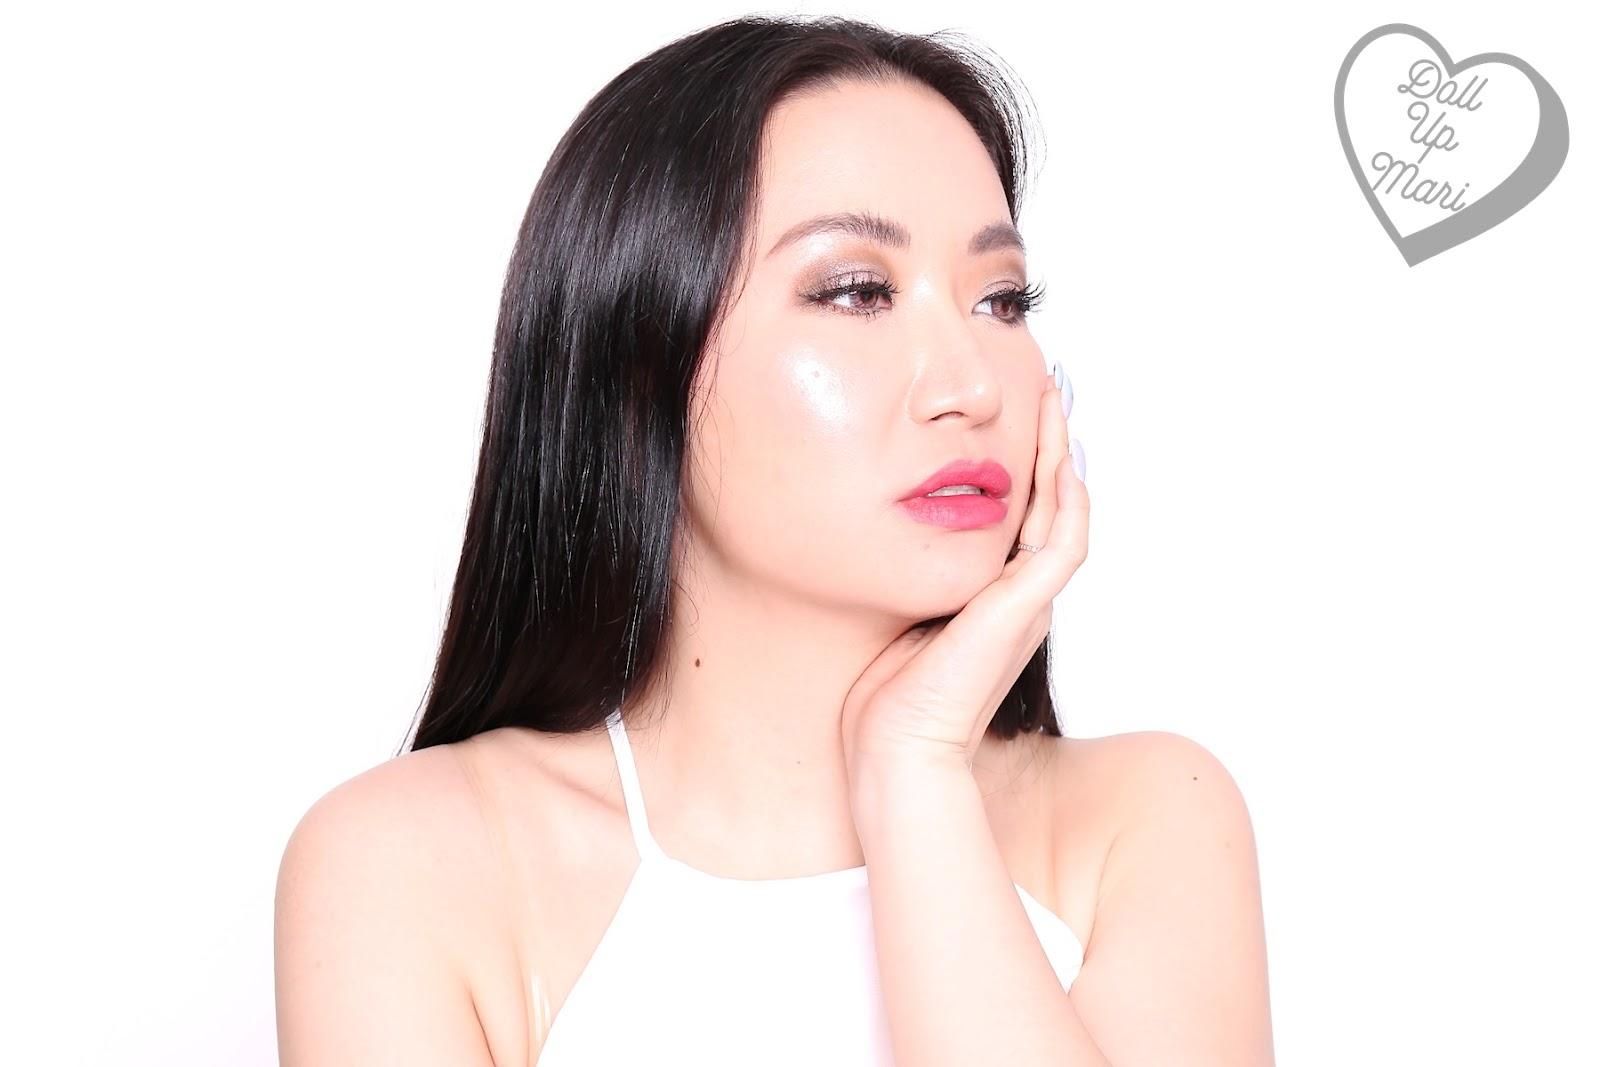 Wearing Mauve Matters shade of AVON Perfectly Matte Lipstick